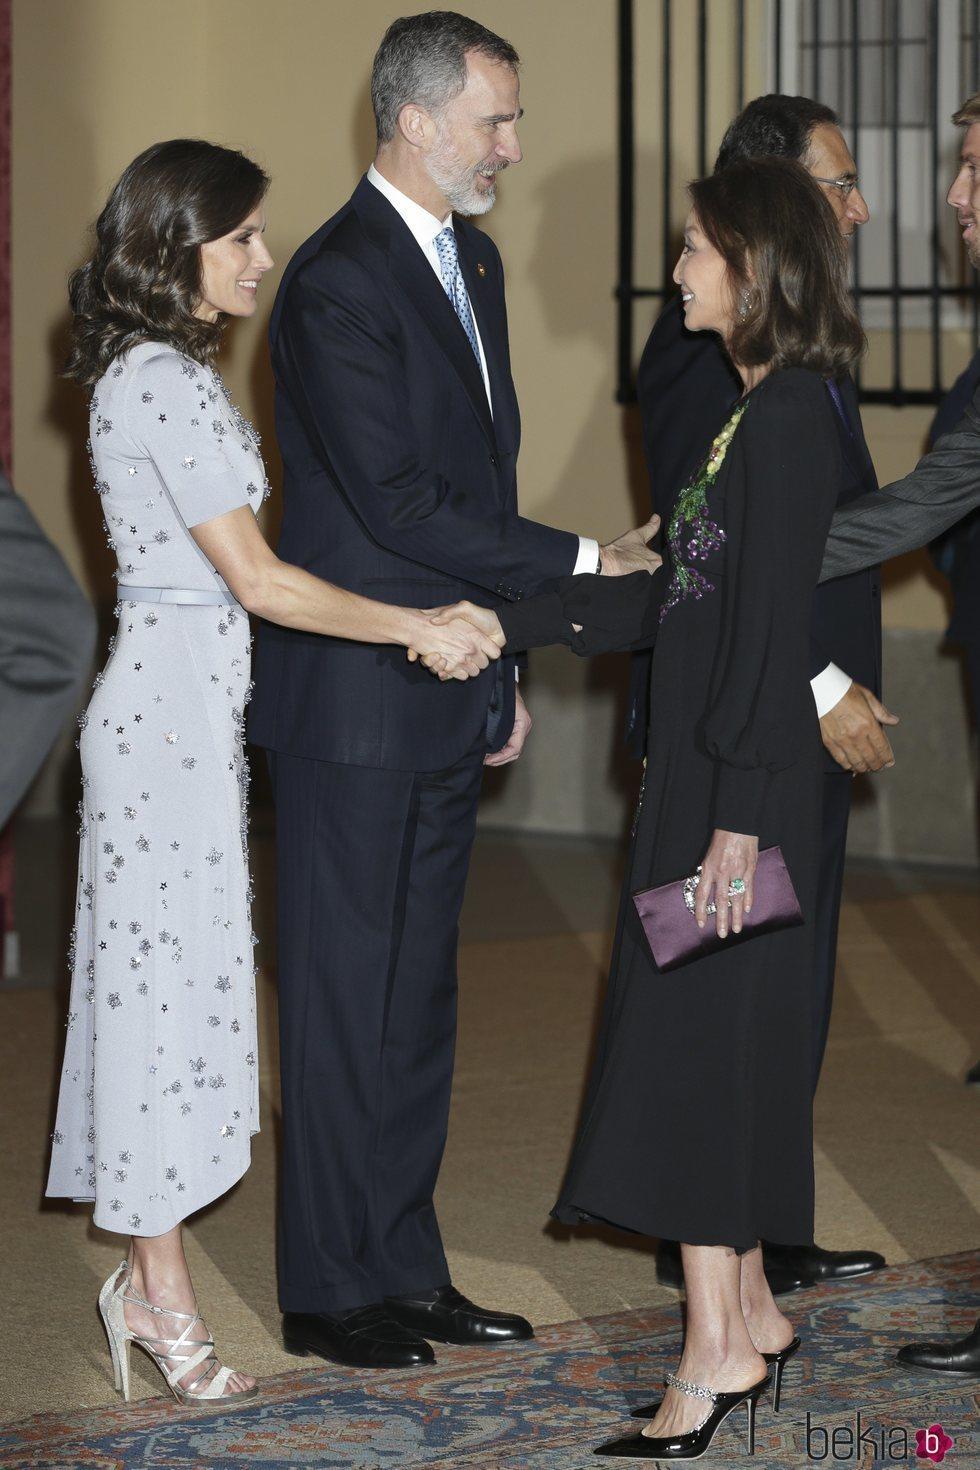 Isabel Preysler saluda a la Reina Letizia en la cena por la Visita de Estado del Presidente de Perú, Martín Vizcarra